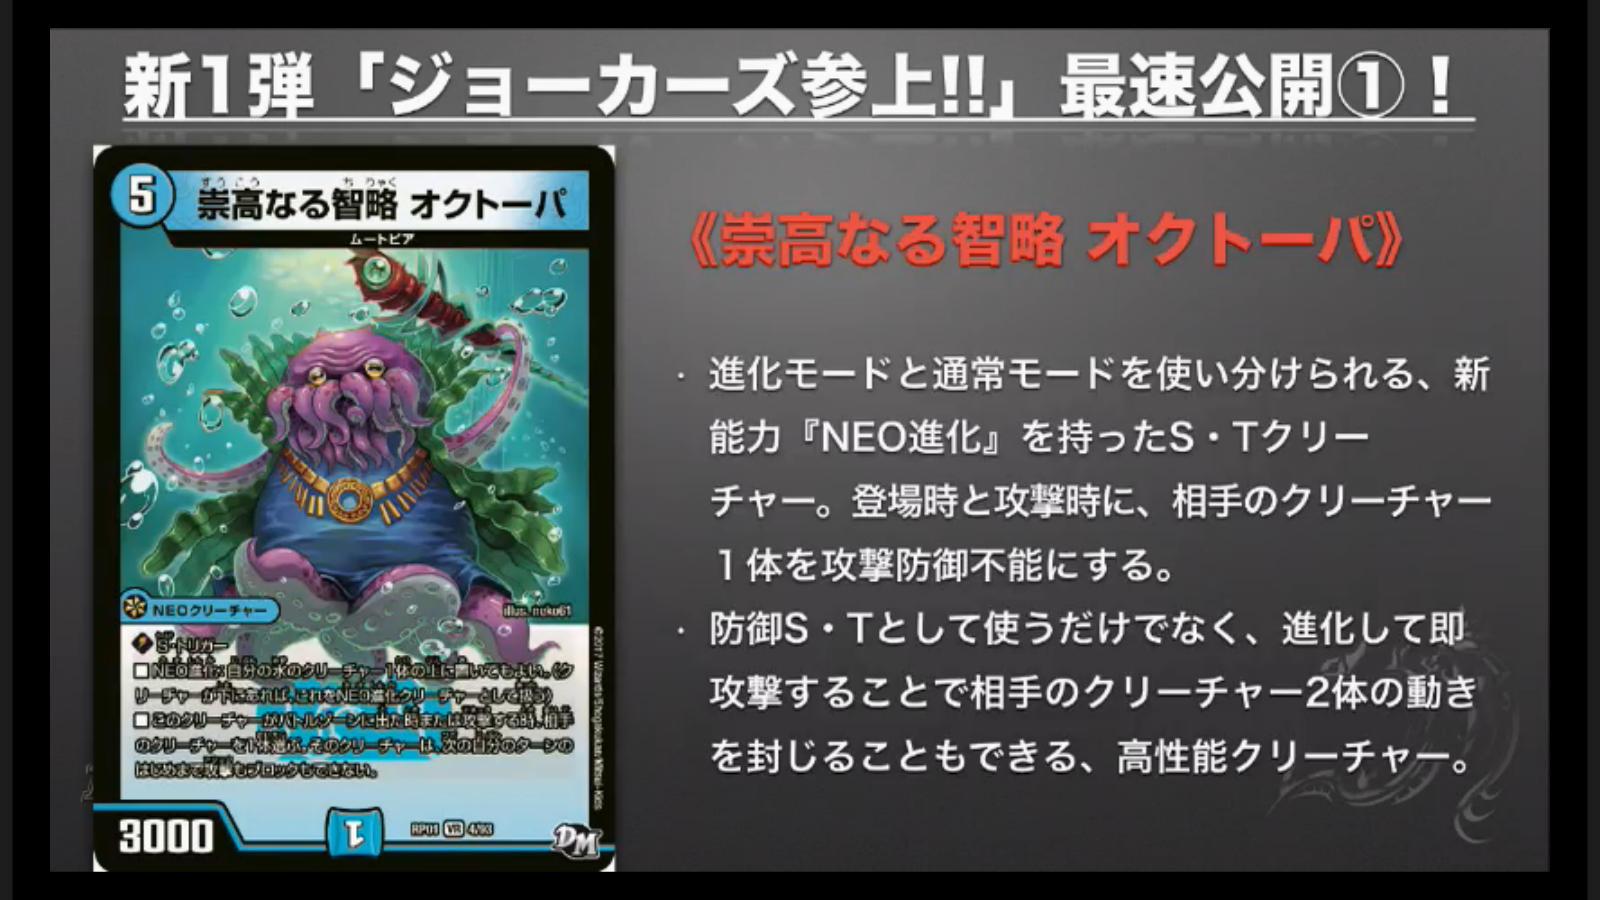 dm-kakumei-finalcup-news-170226-072.jpg